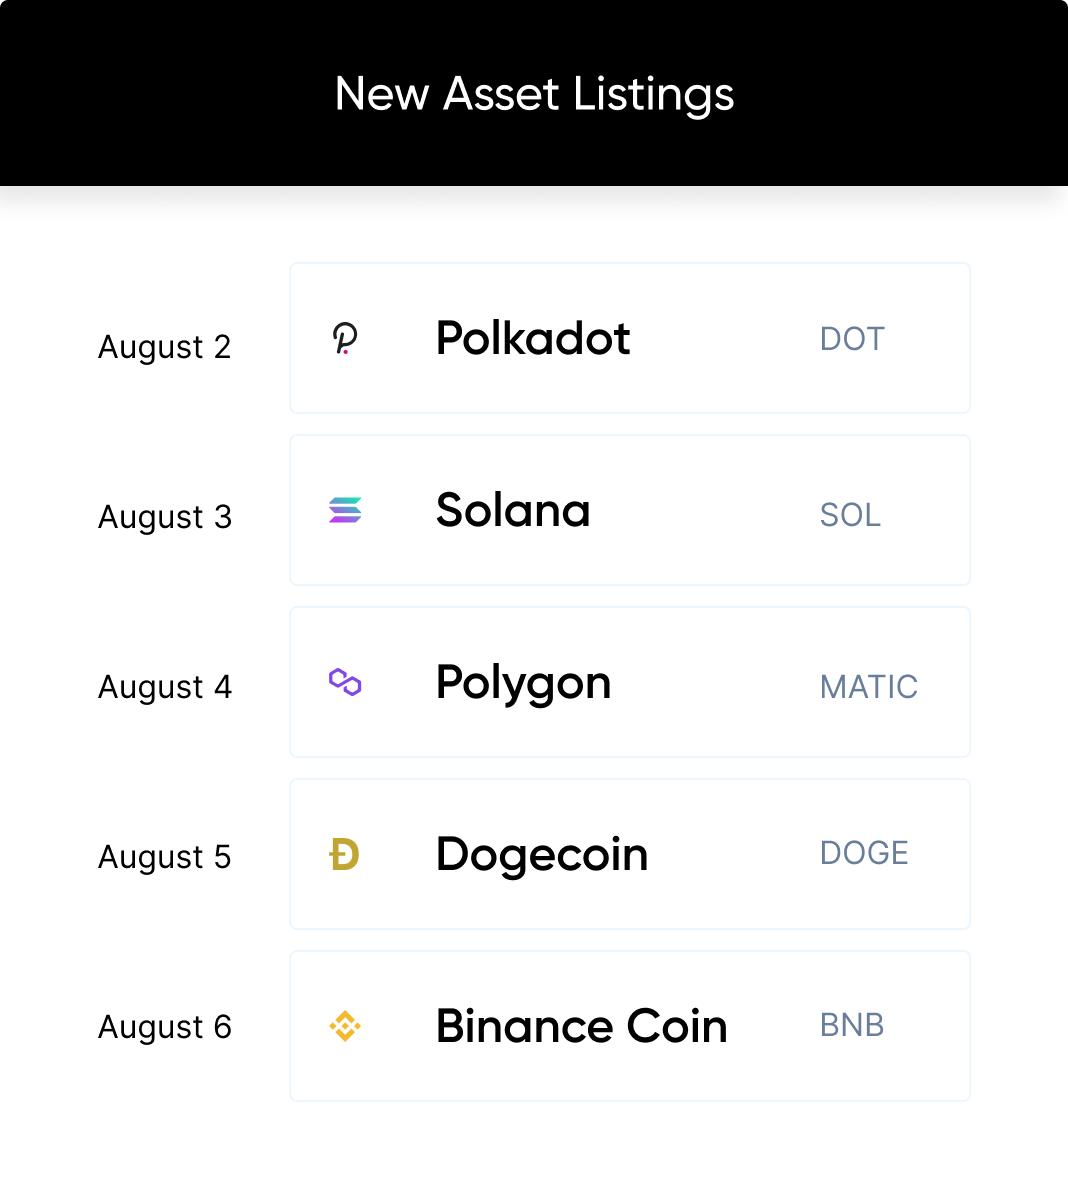 New Asset Listings: DOT, SOL, MATIC, DOGE, BNB